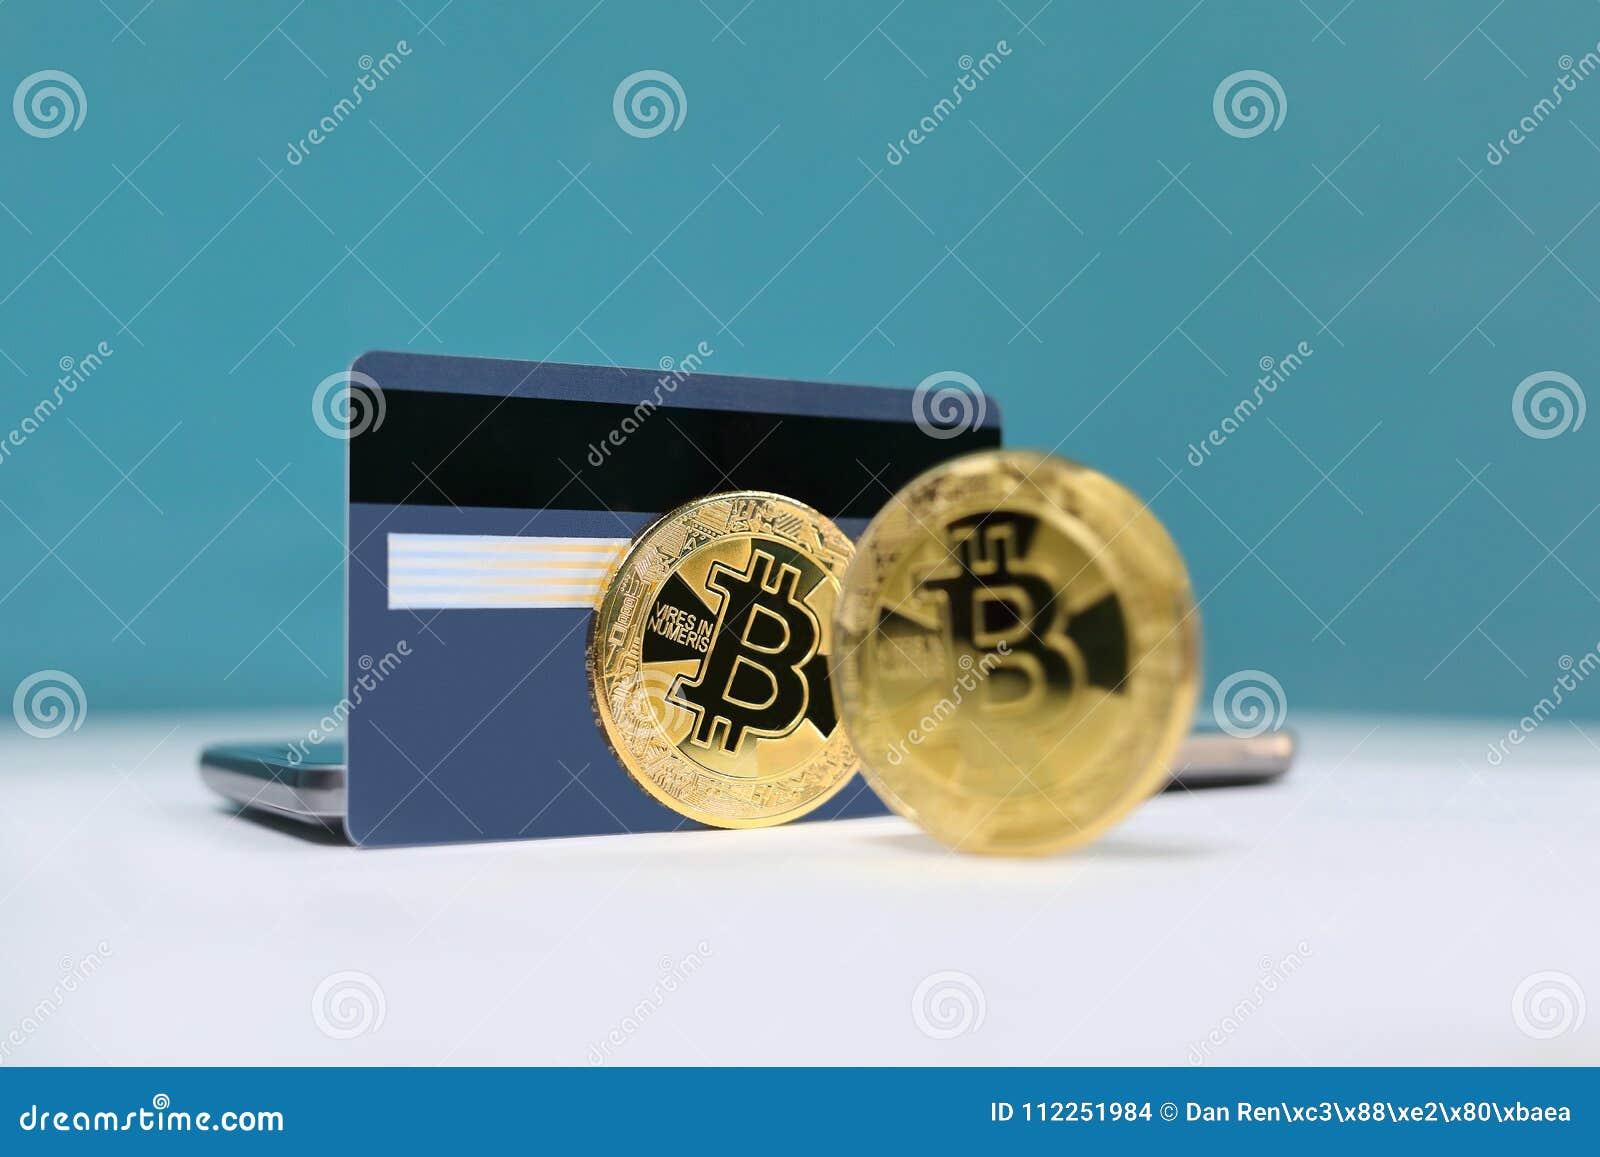 plastica bitcoin